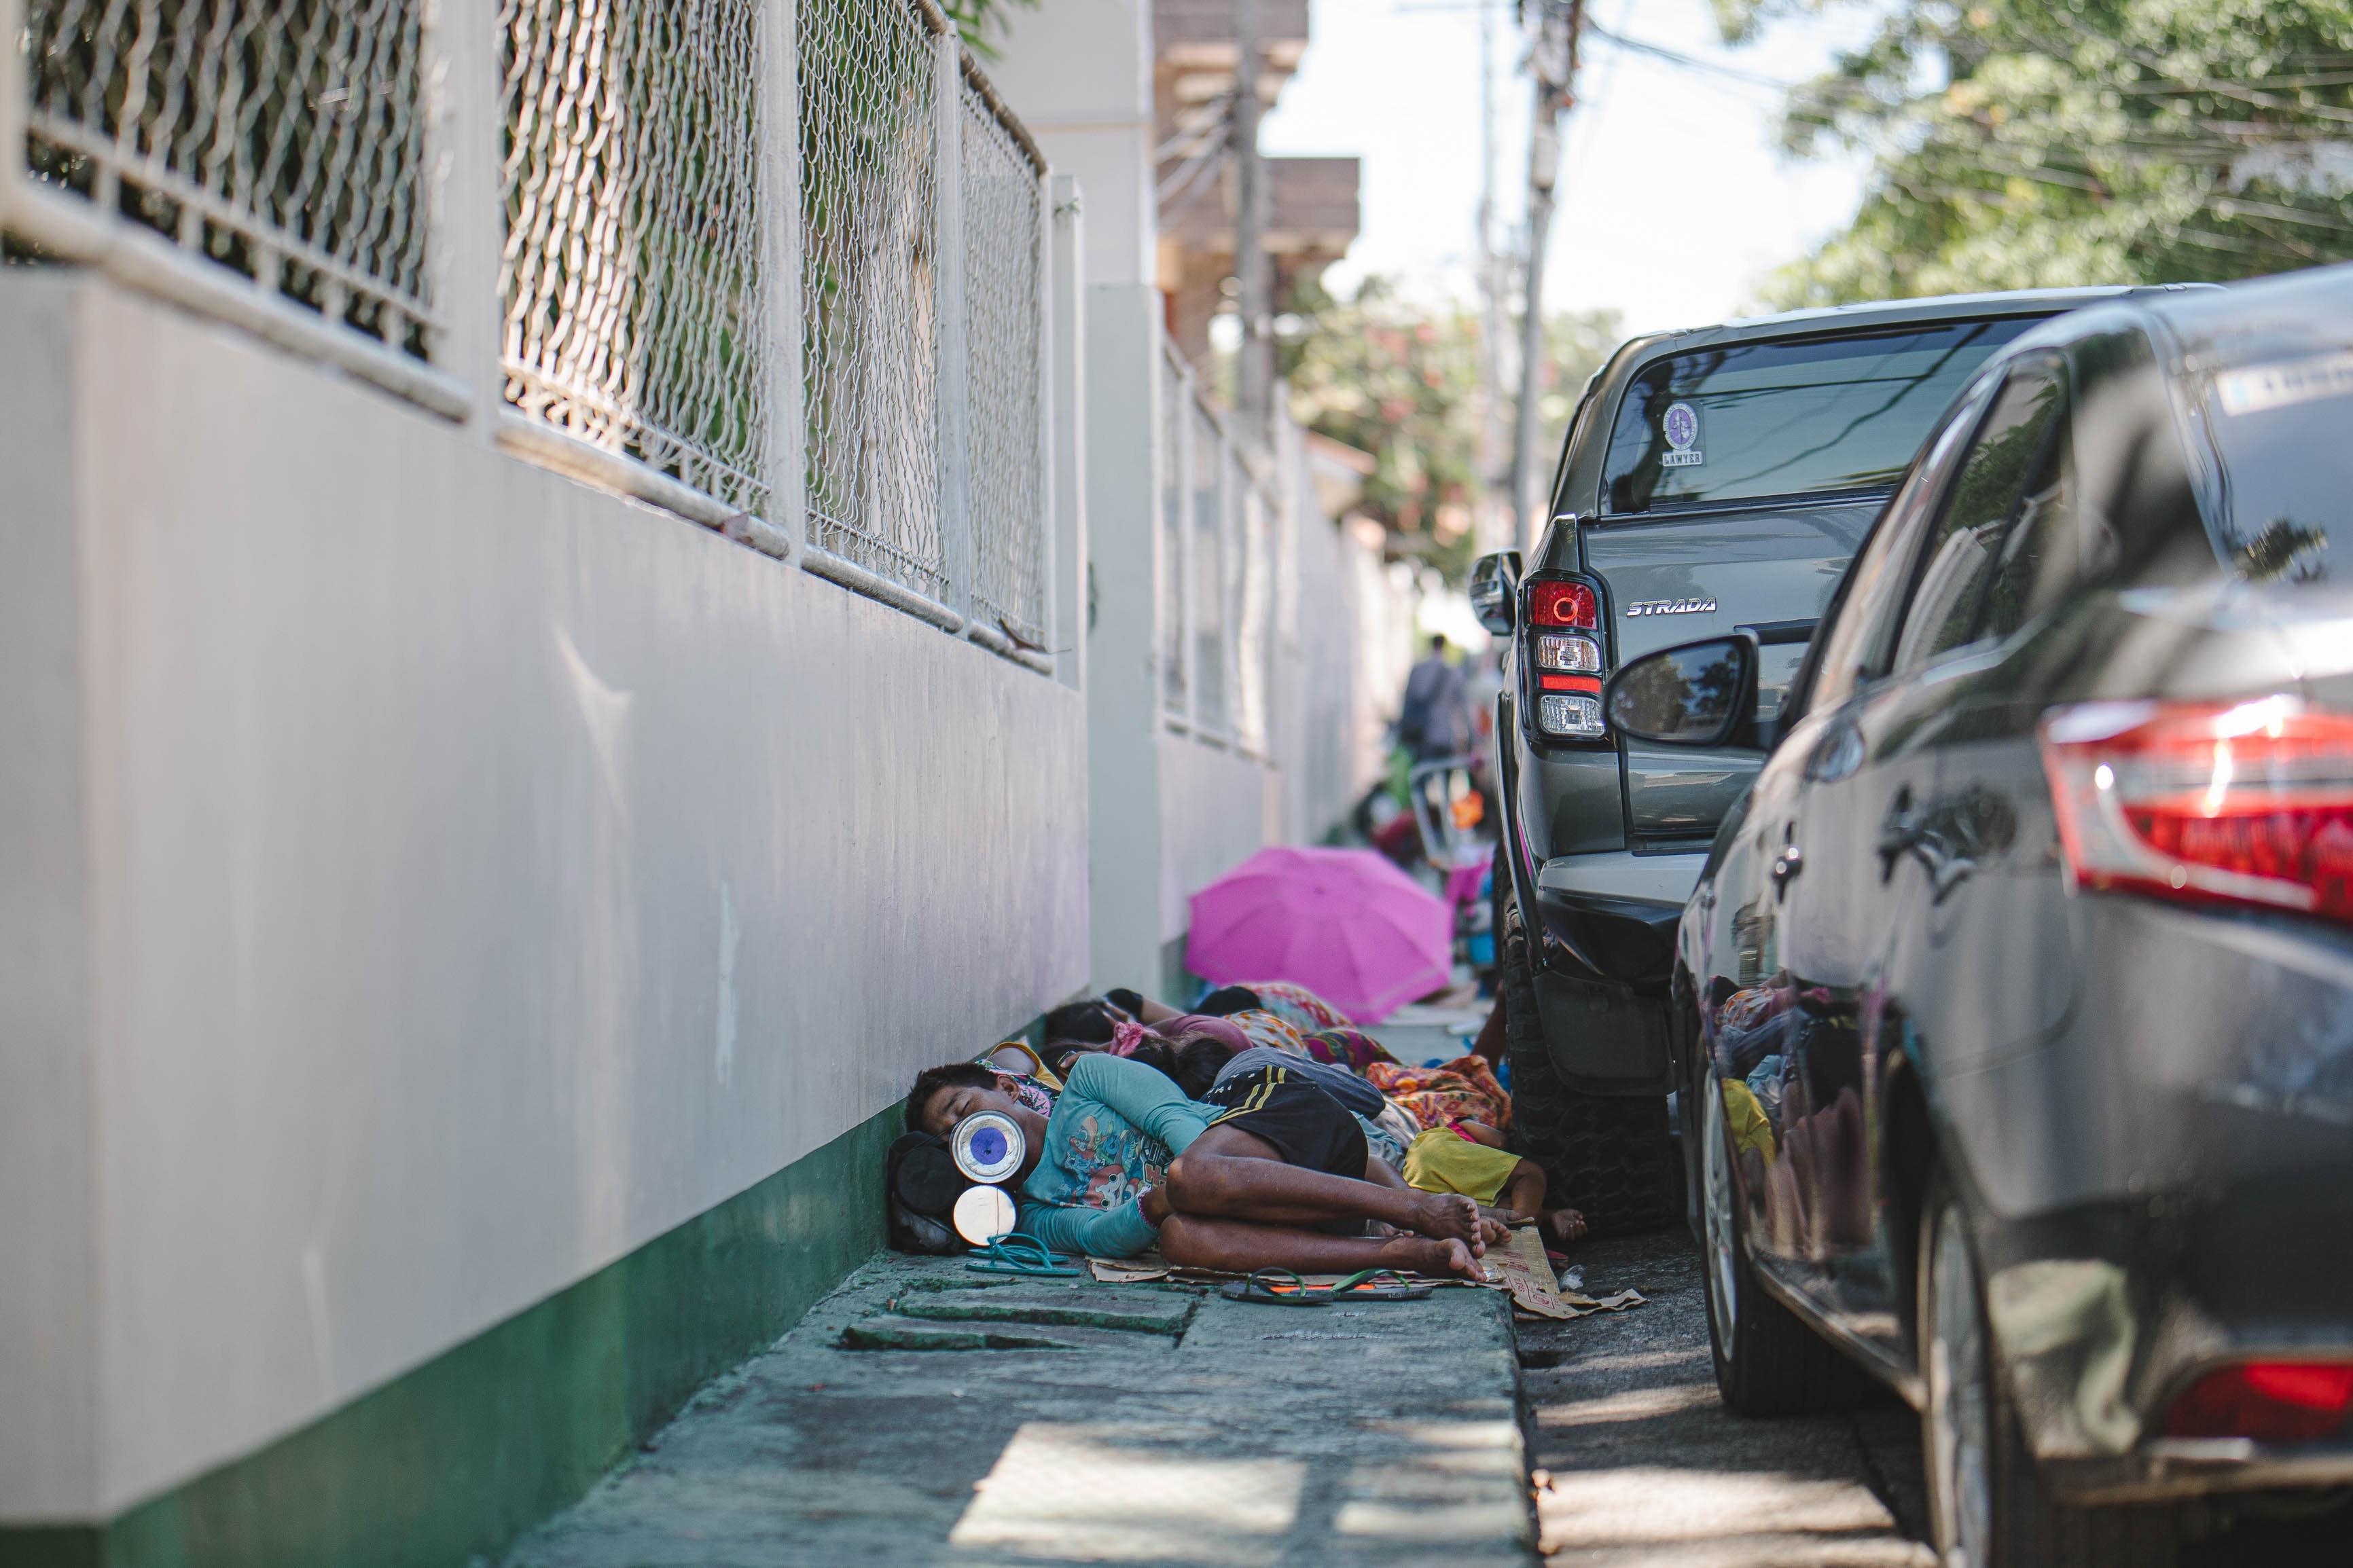 Notícias - Lei nº 14.216/2021 suspende o cumprimento de medidas que resultem em desocupação ou remoção forçada coletiva em imóvel privado ou público na área urbana